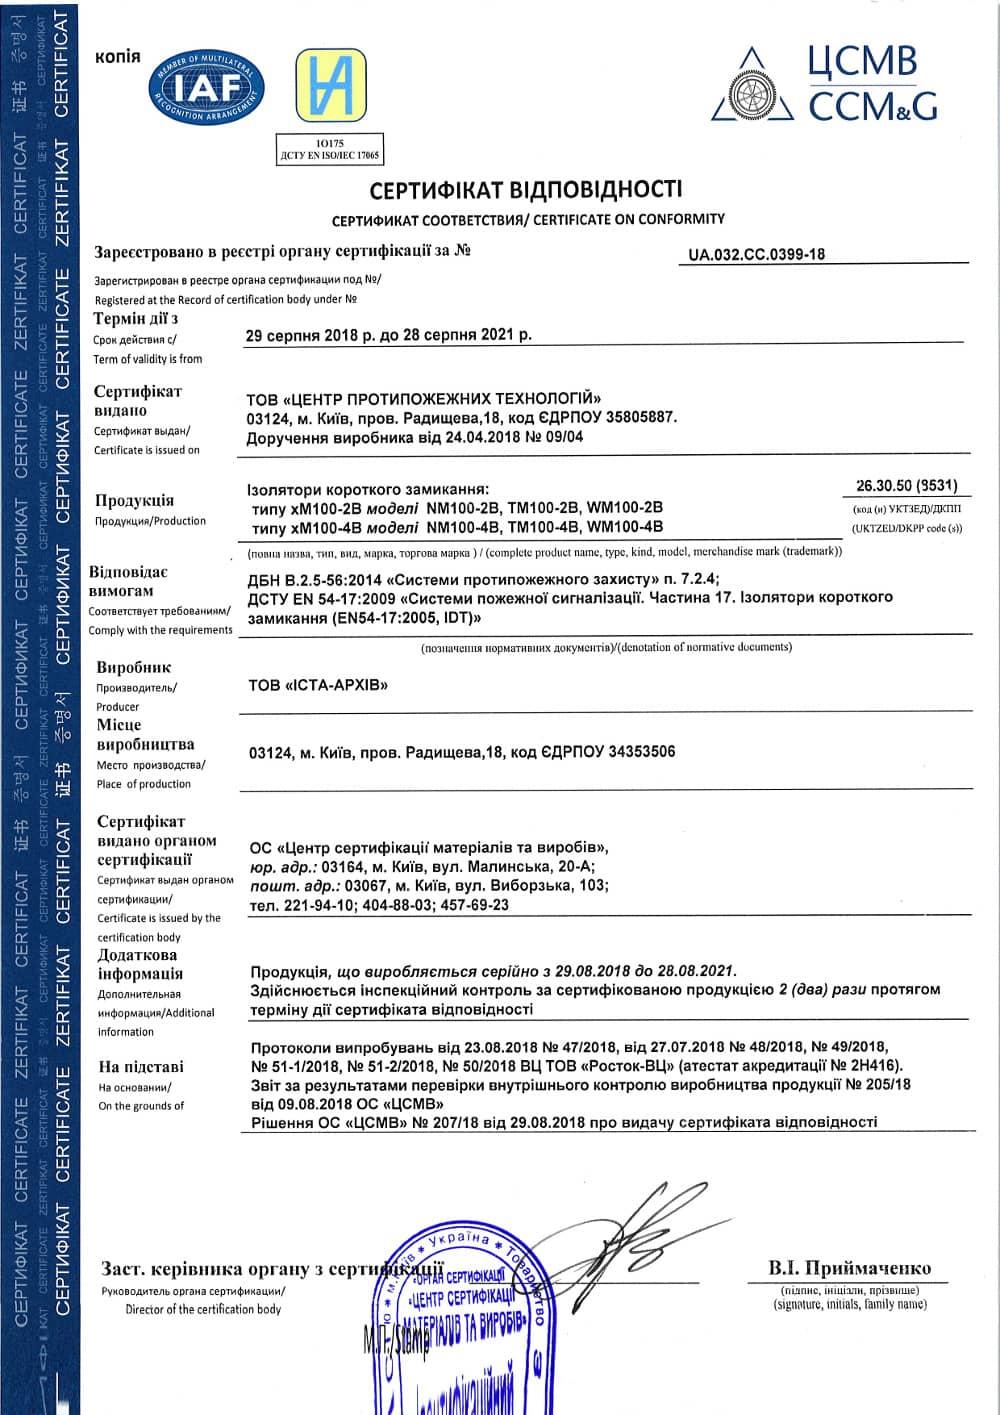 Сертифікат на ізолятори КЗ NM100-2B, NM100-4B, TM100-2B, TM100-4B, WM100-2B, WM100-4B